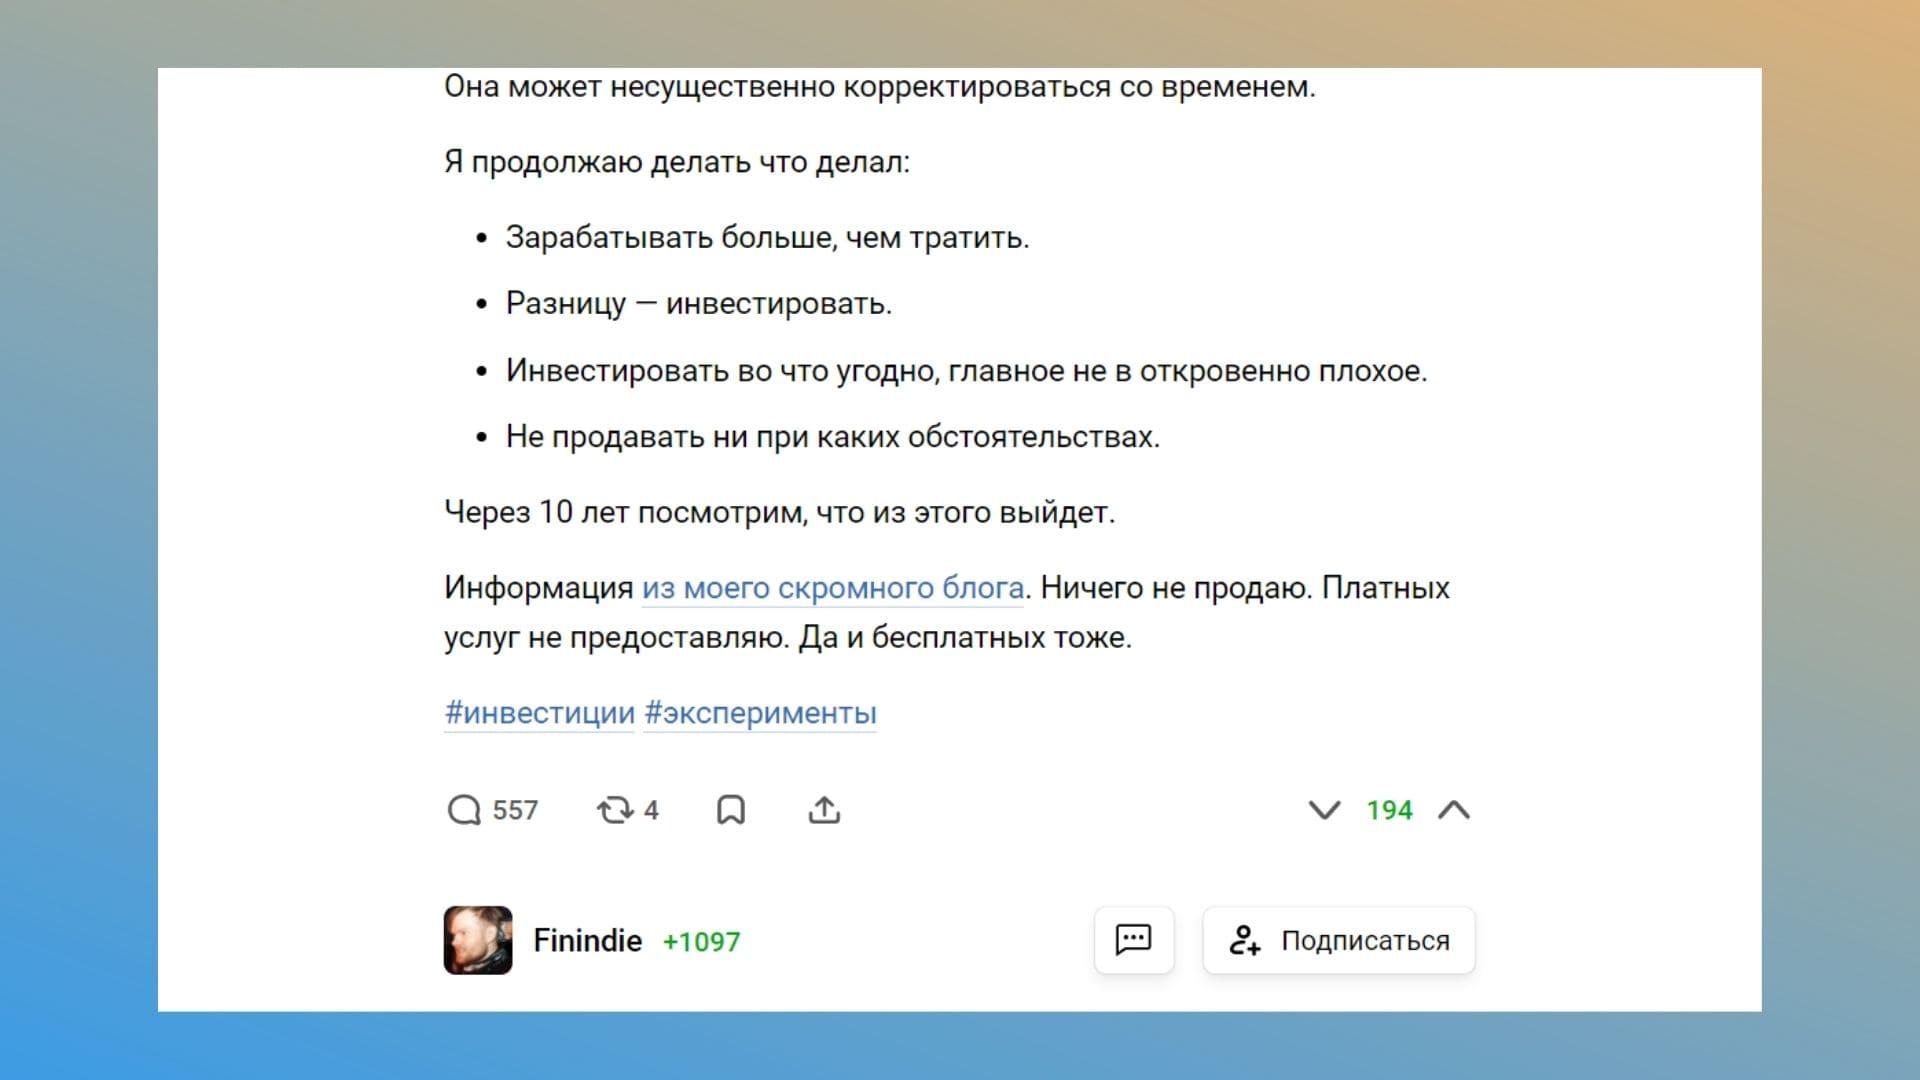 Автор разместил статью на VC.ru, собрав ее из постов своего блога и ненавязчиво ведет трафик туда